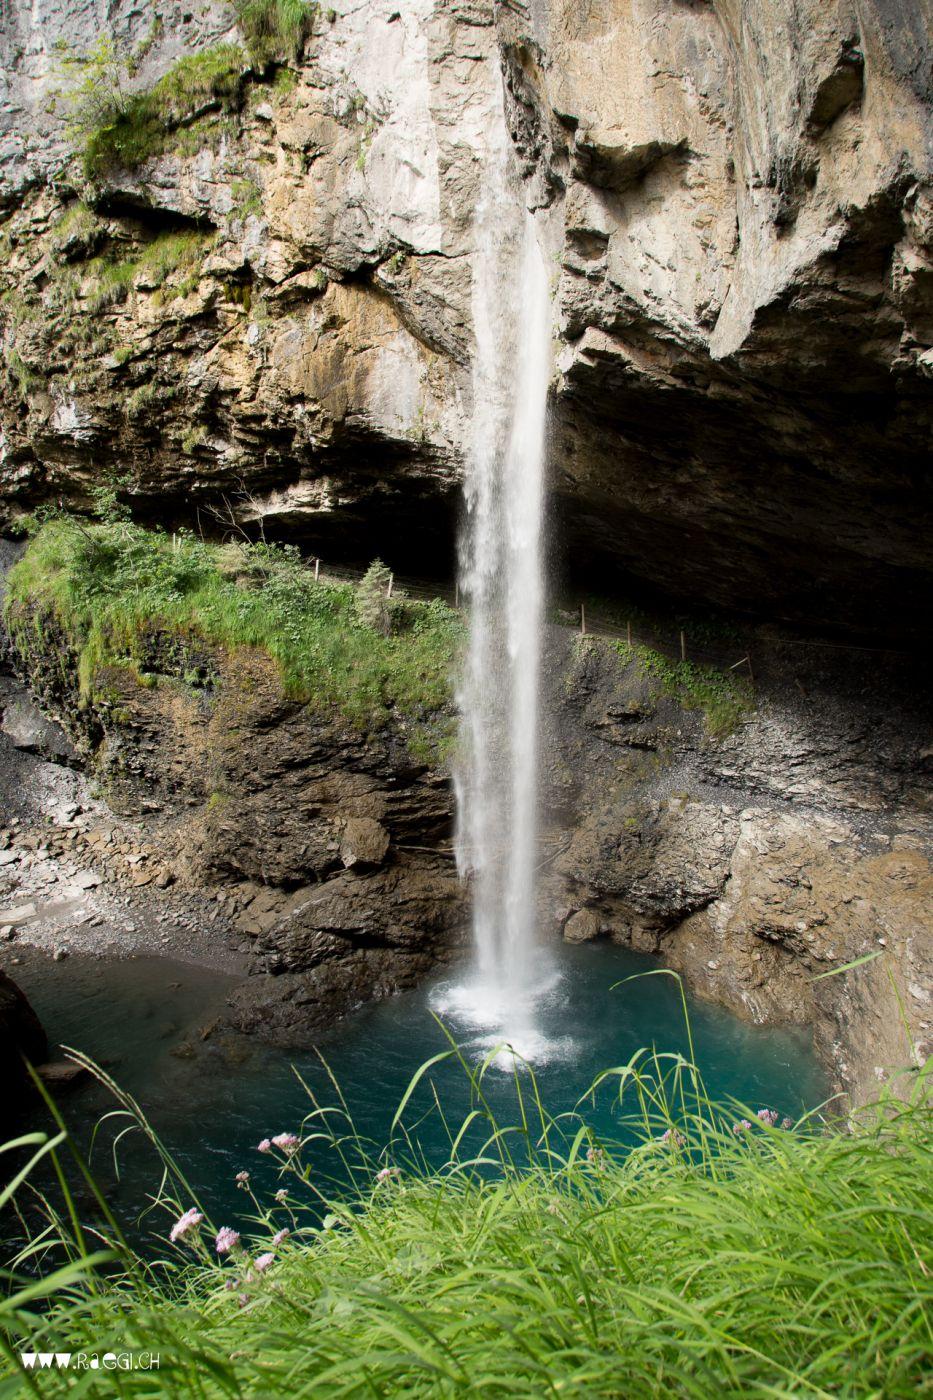 Bergli Stüber Waterfall, Switzerland